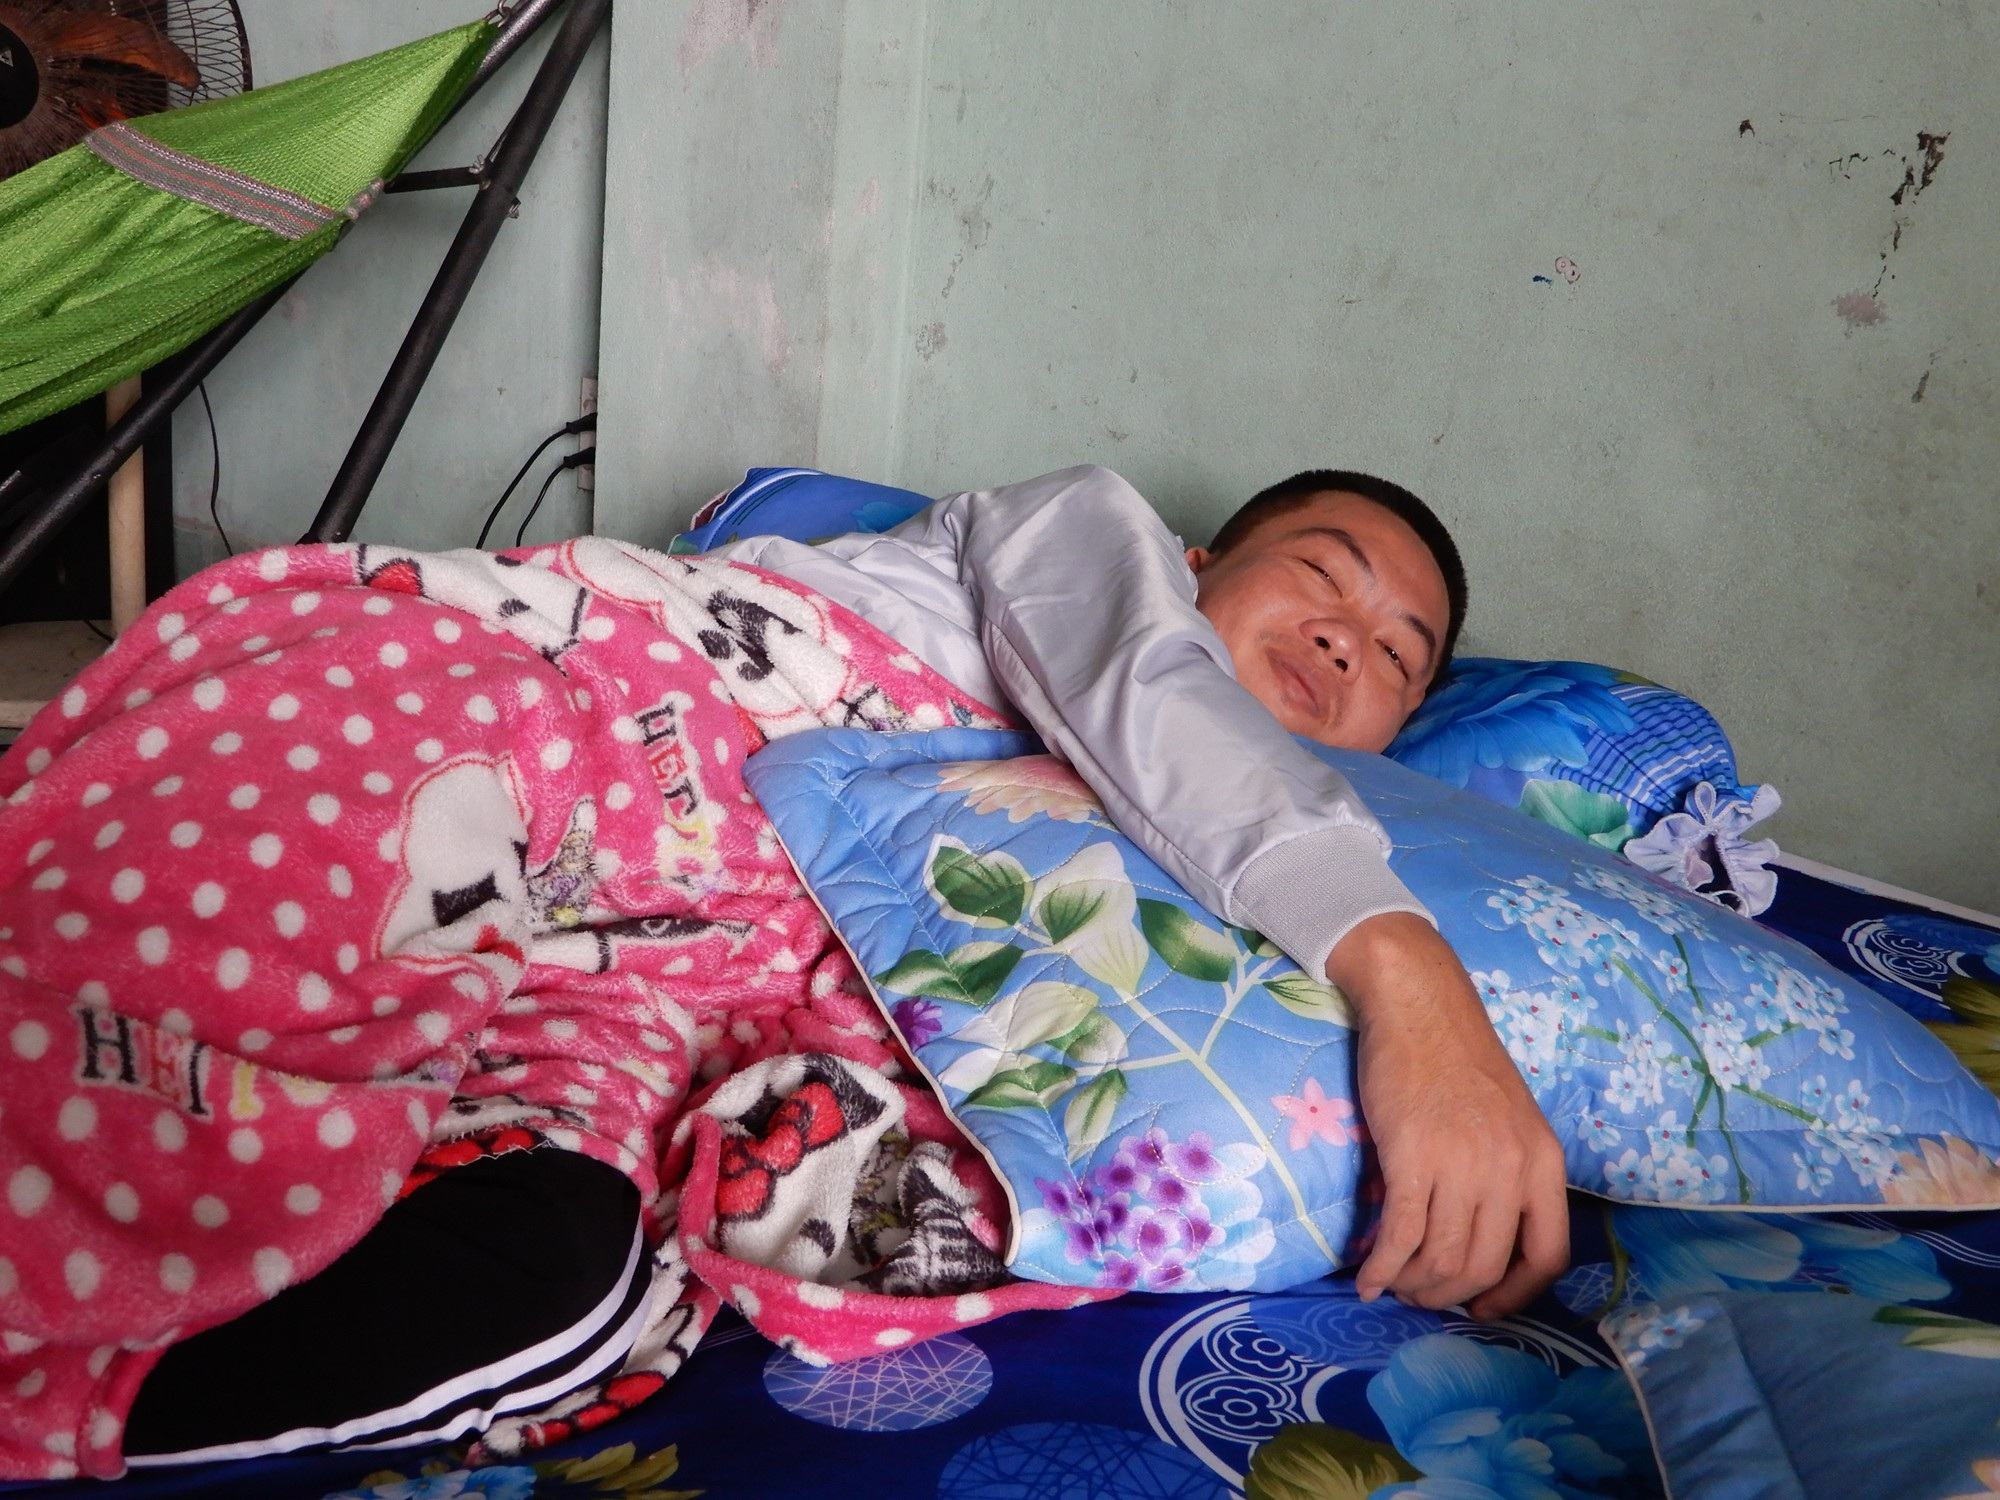 Thương cha già vất vả nuôi con trai bị lao màng não nằm liệt giường - Ảnh 3.